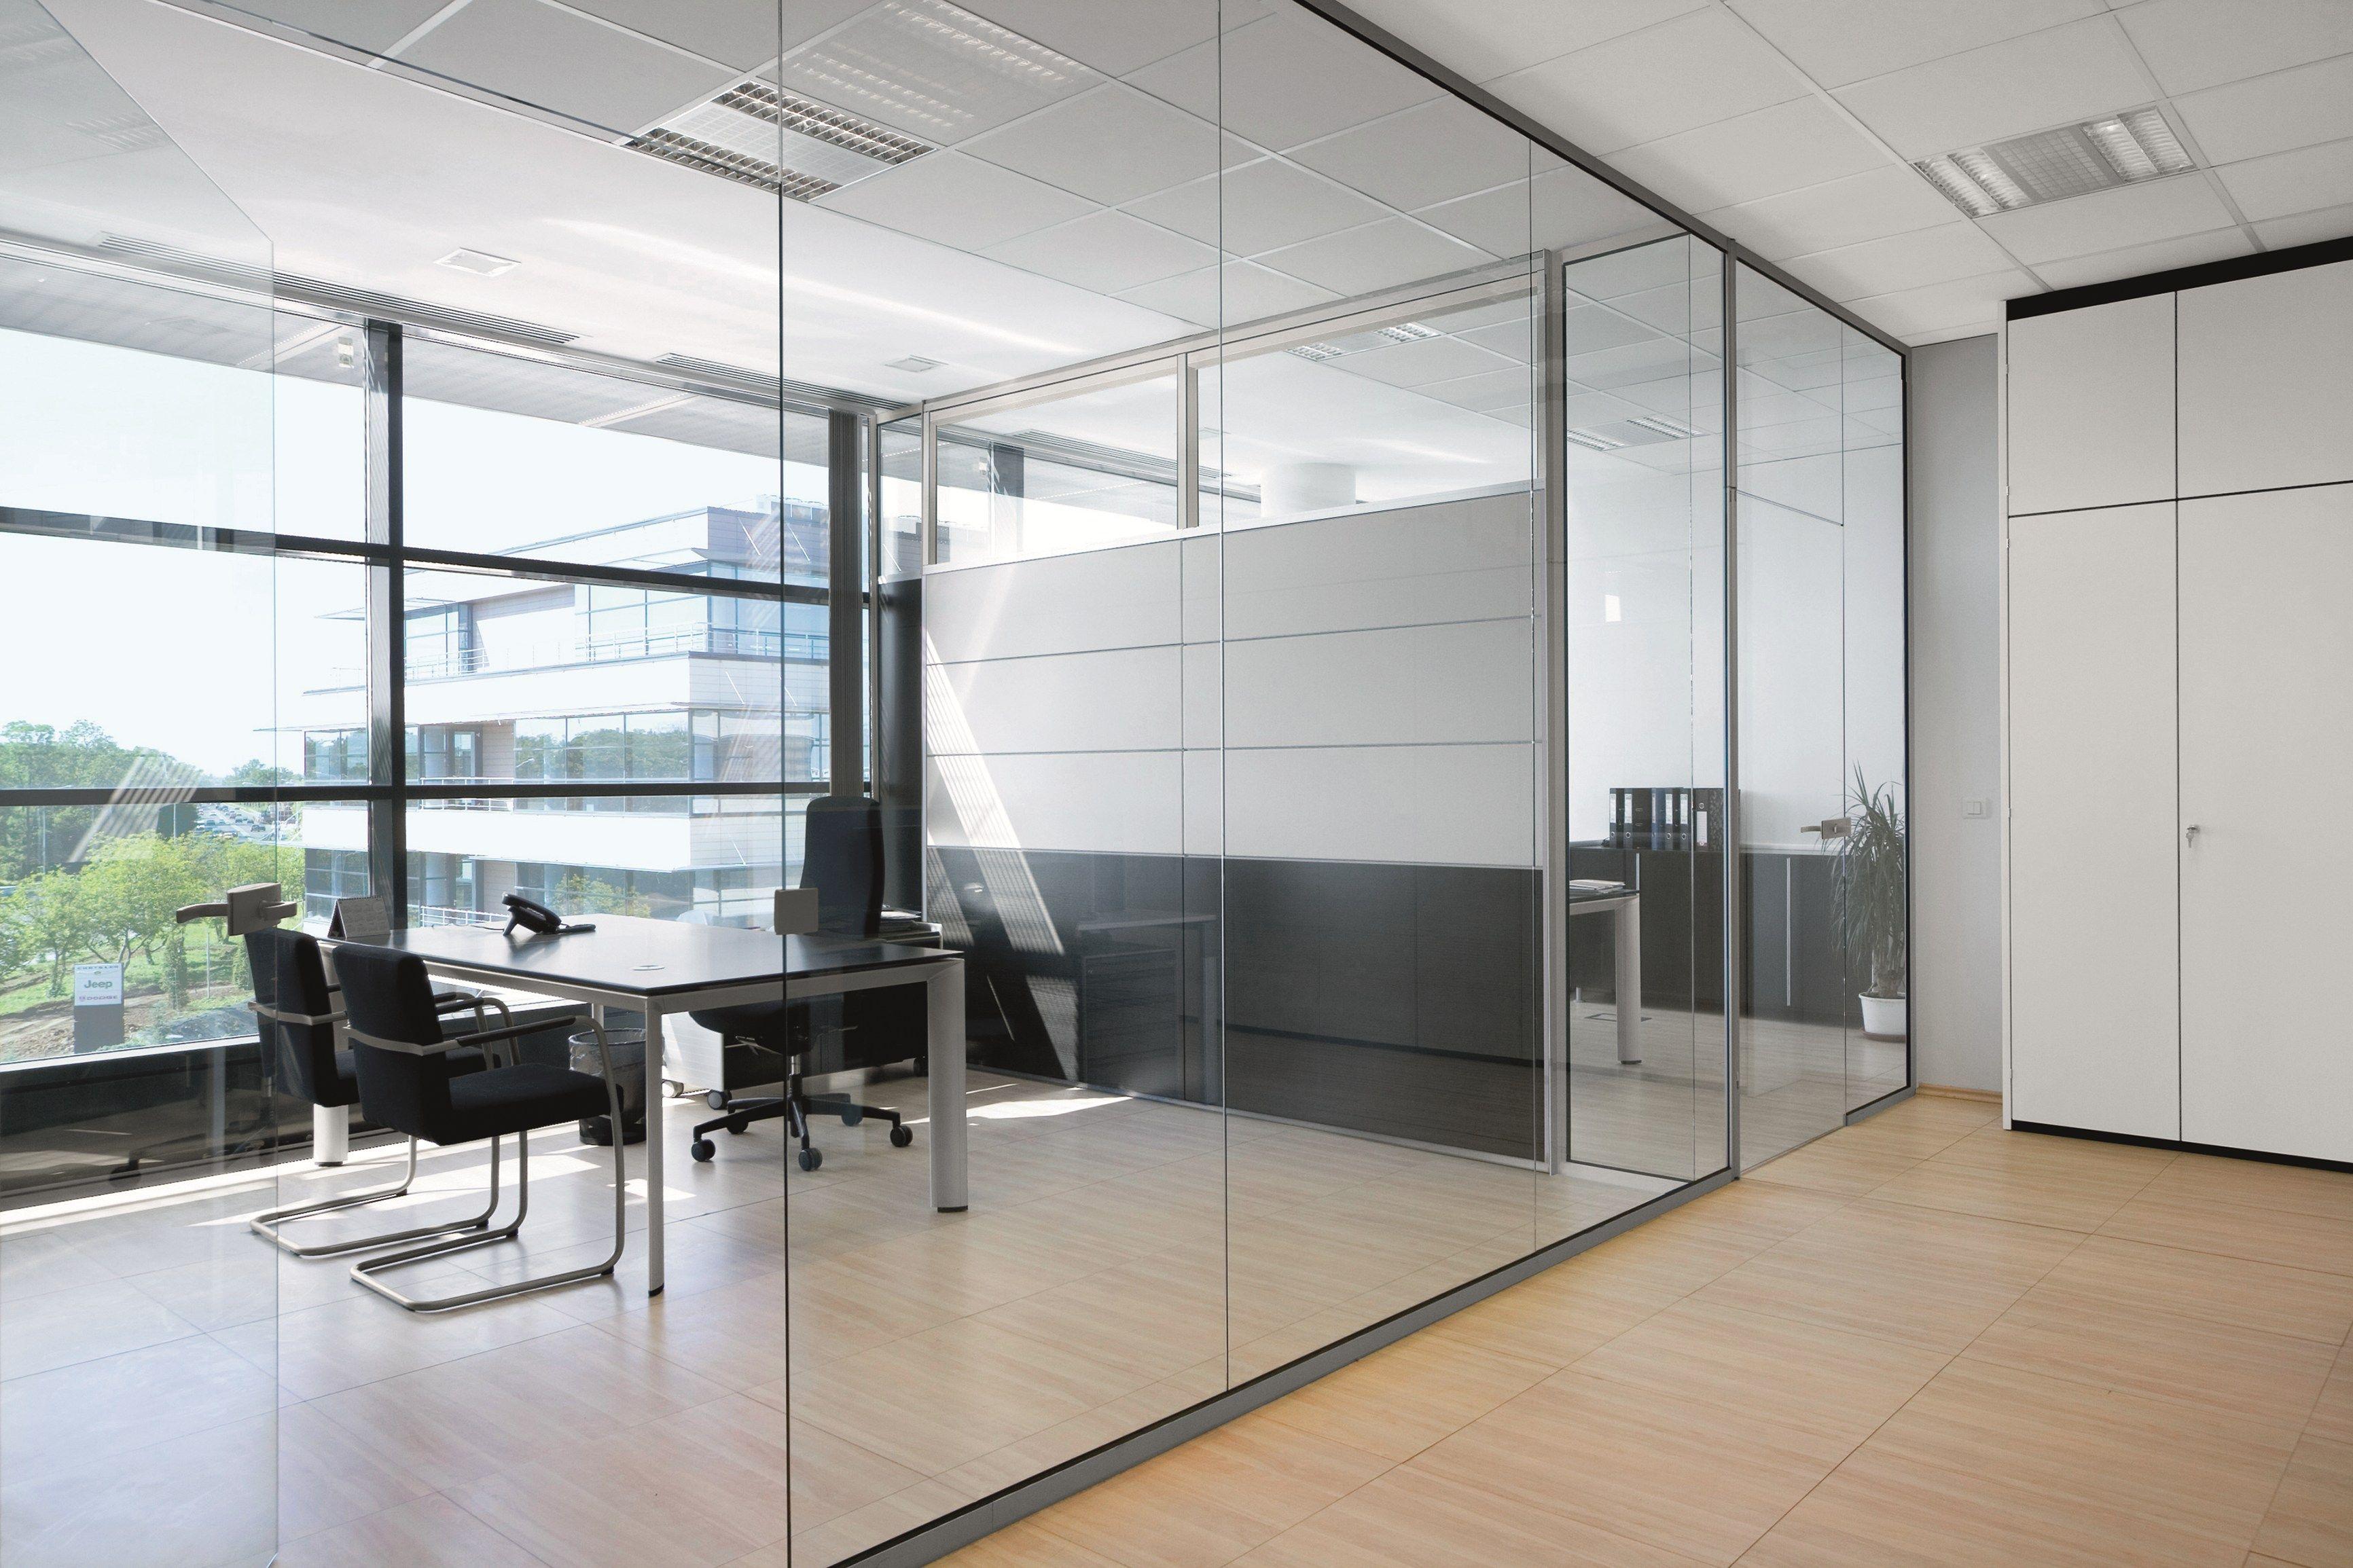 cloison amovible de bureau en verre cloison amovible vitre. Black Bedroom Furniture Sets. Home Design Ideas